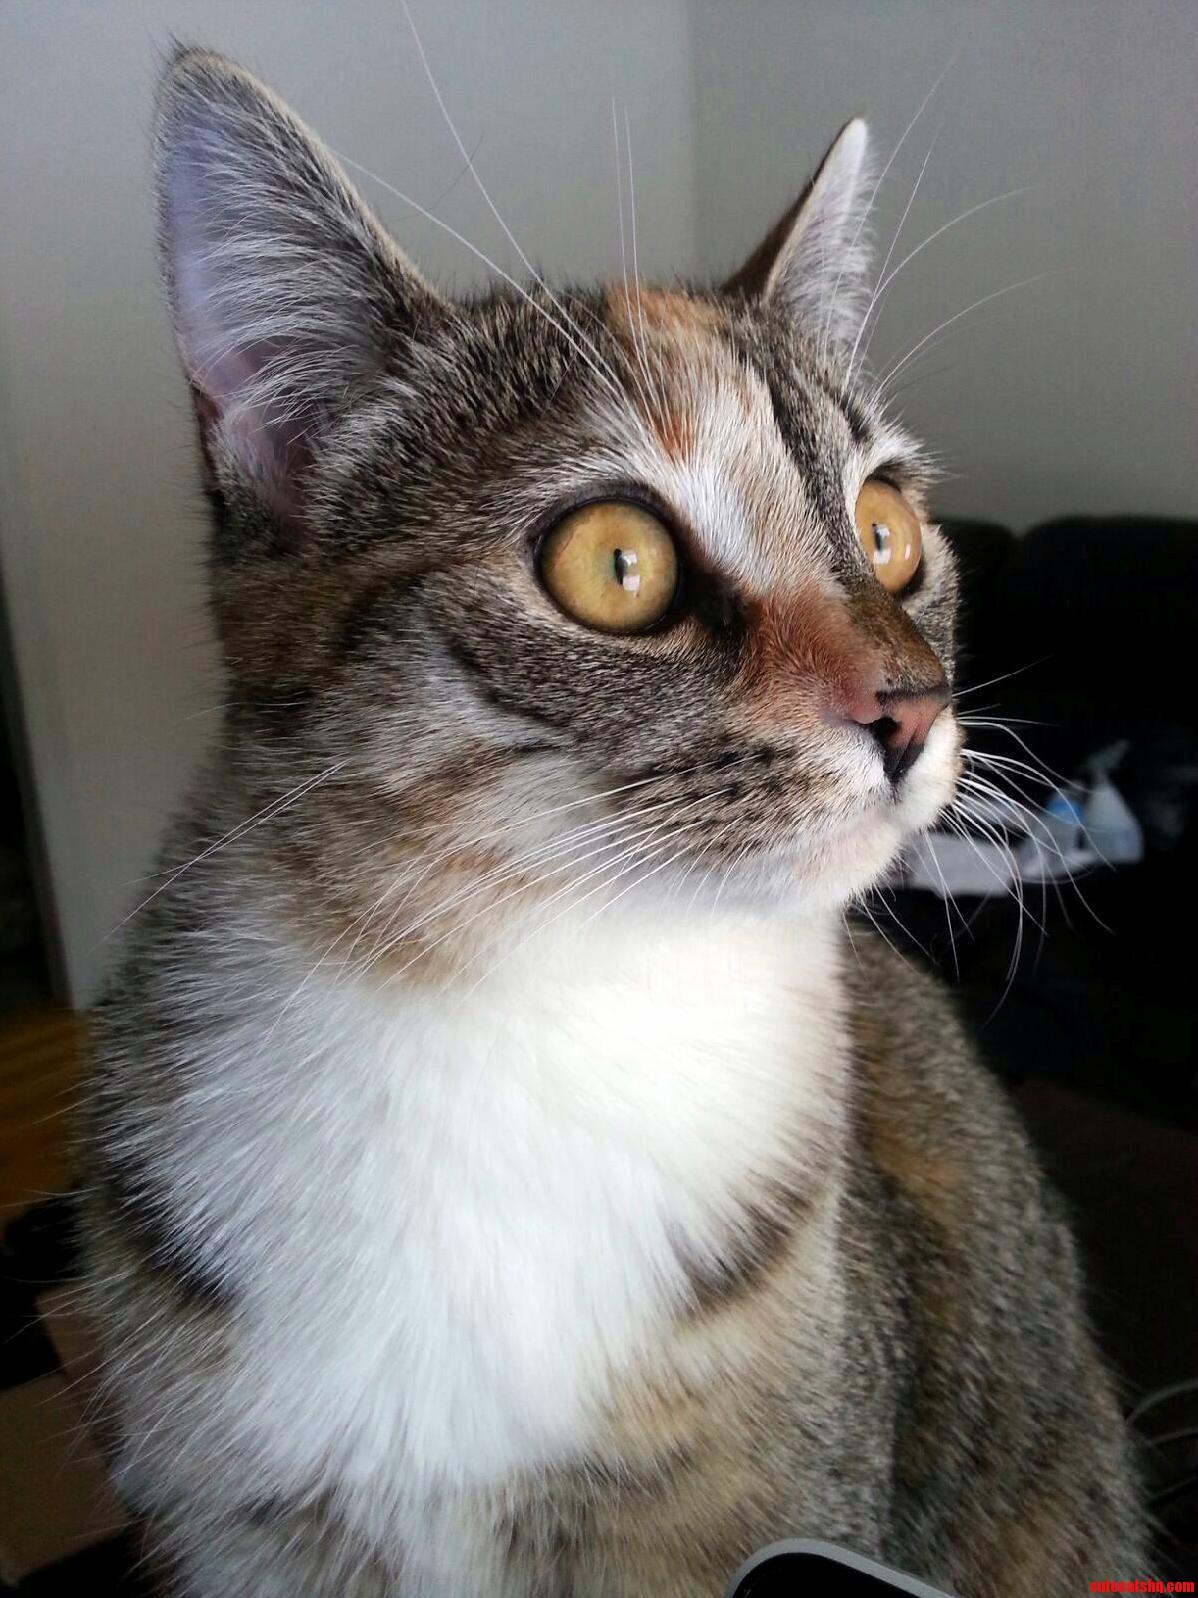 Every time she hears a noise.